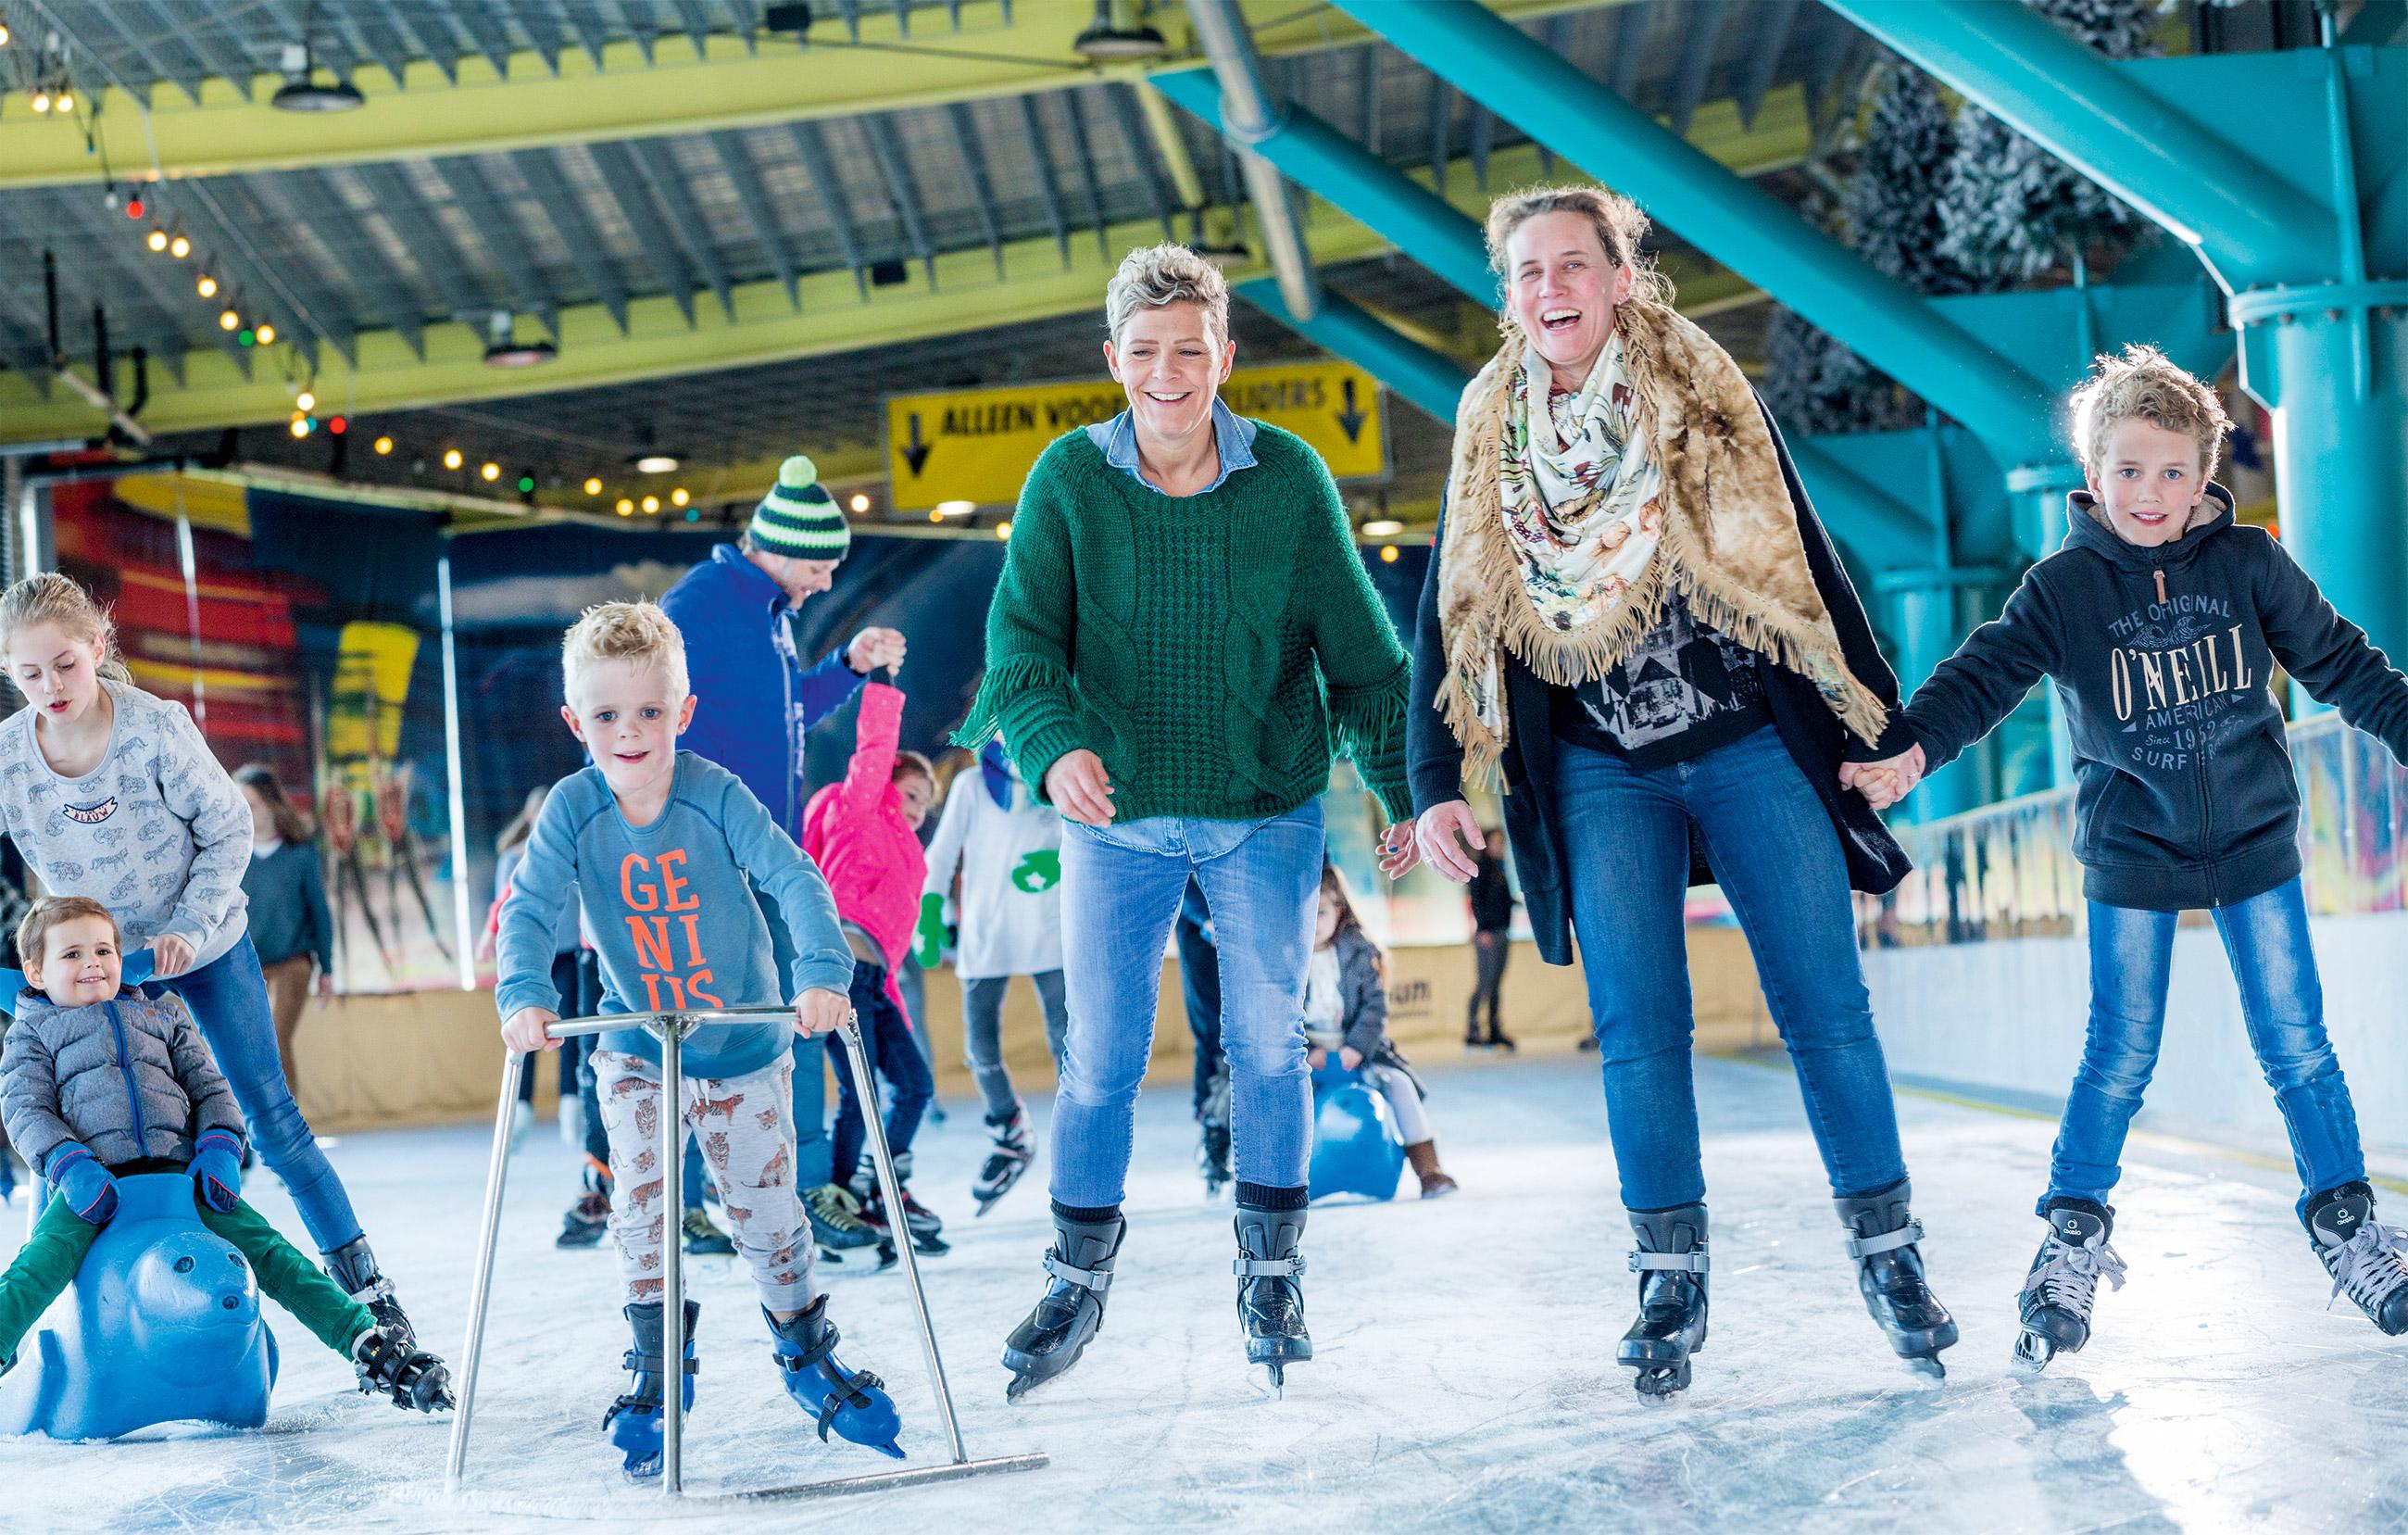 Triavium ijsbaan en evenementen: 'Schaatsen…het kan weer!'